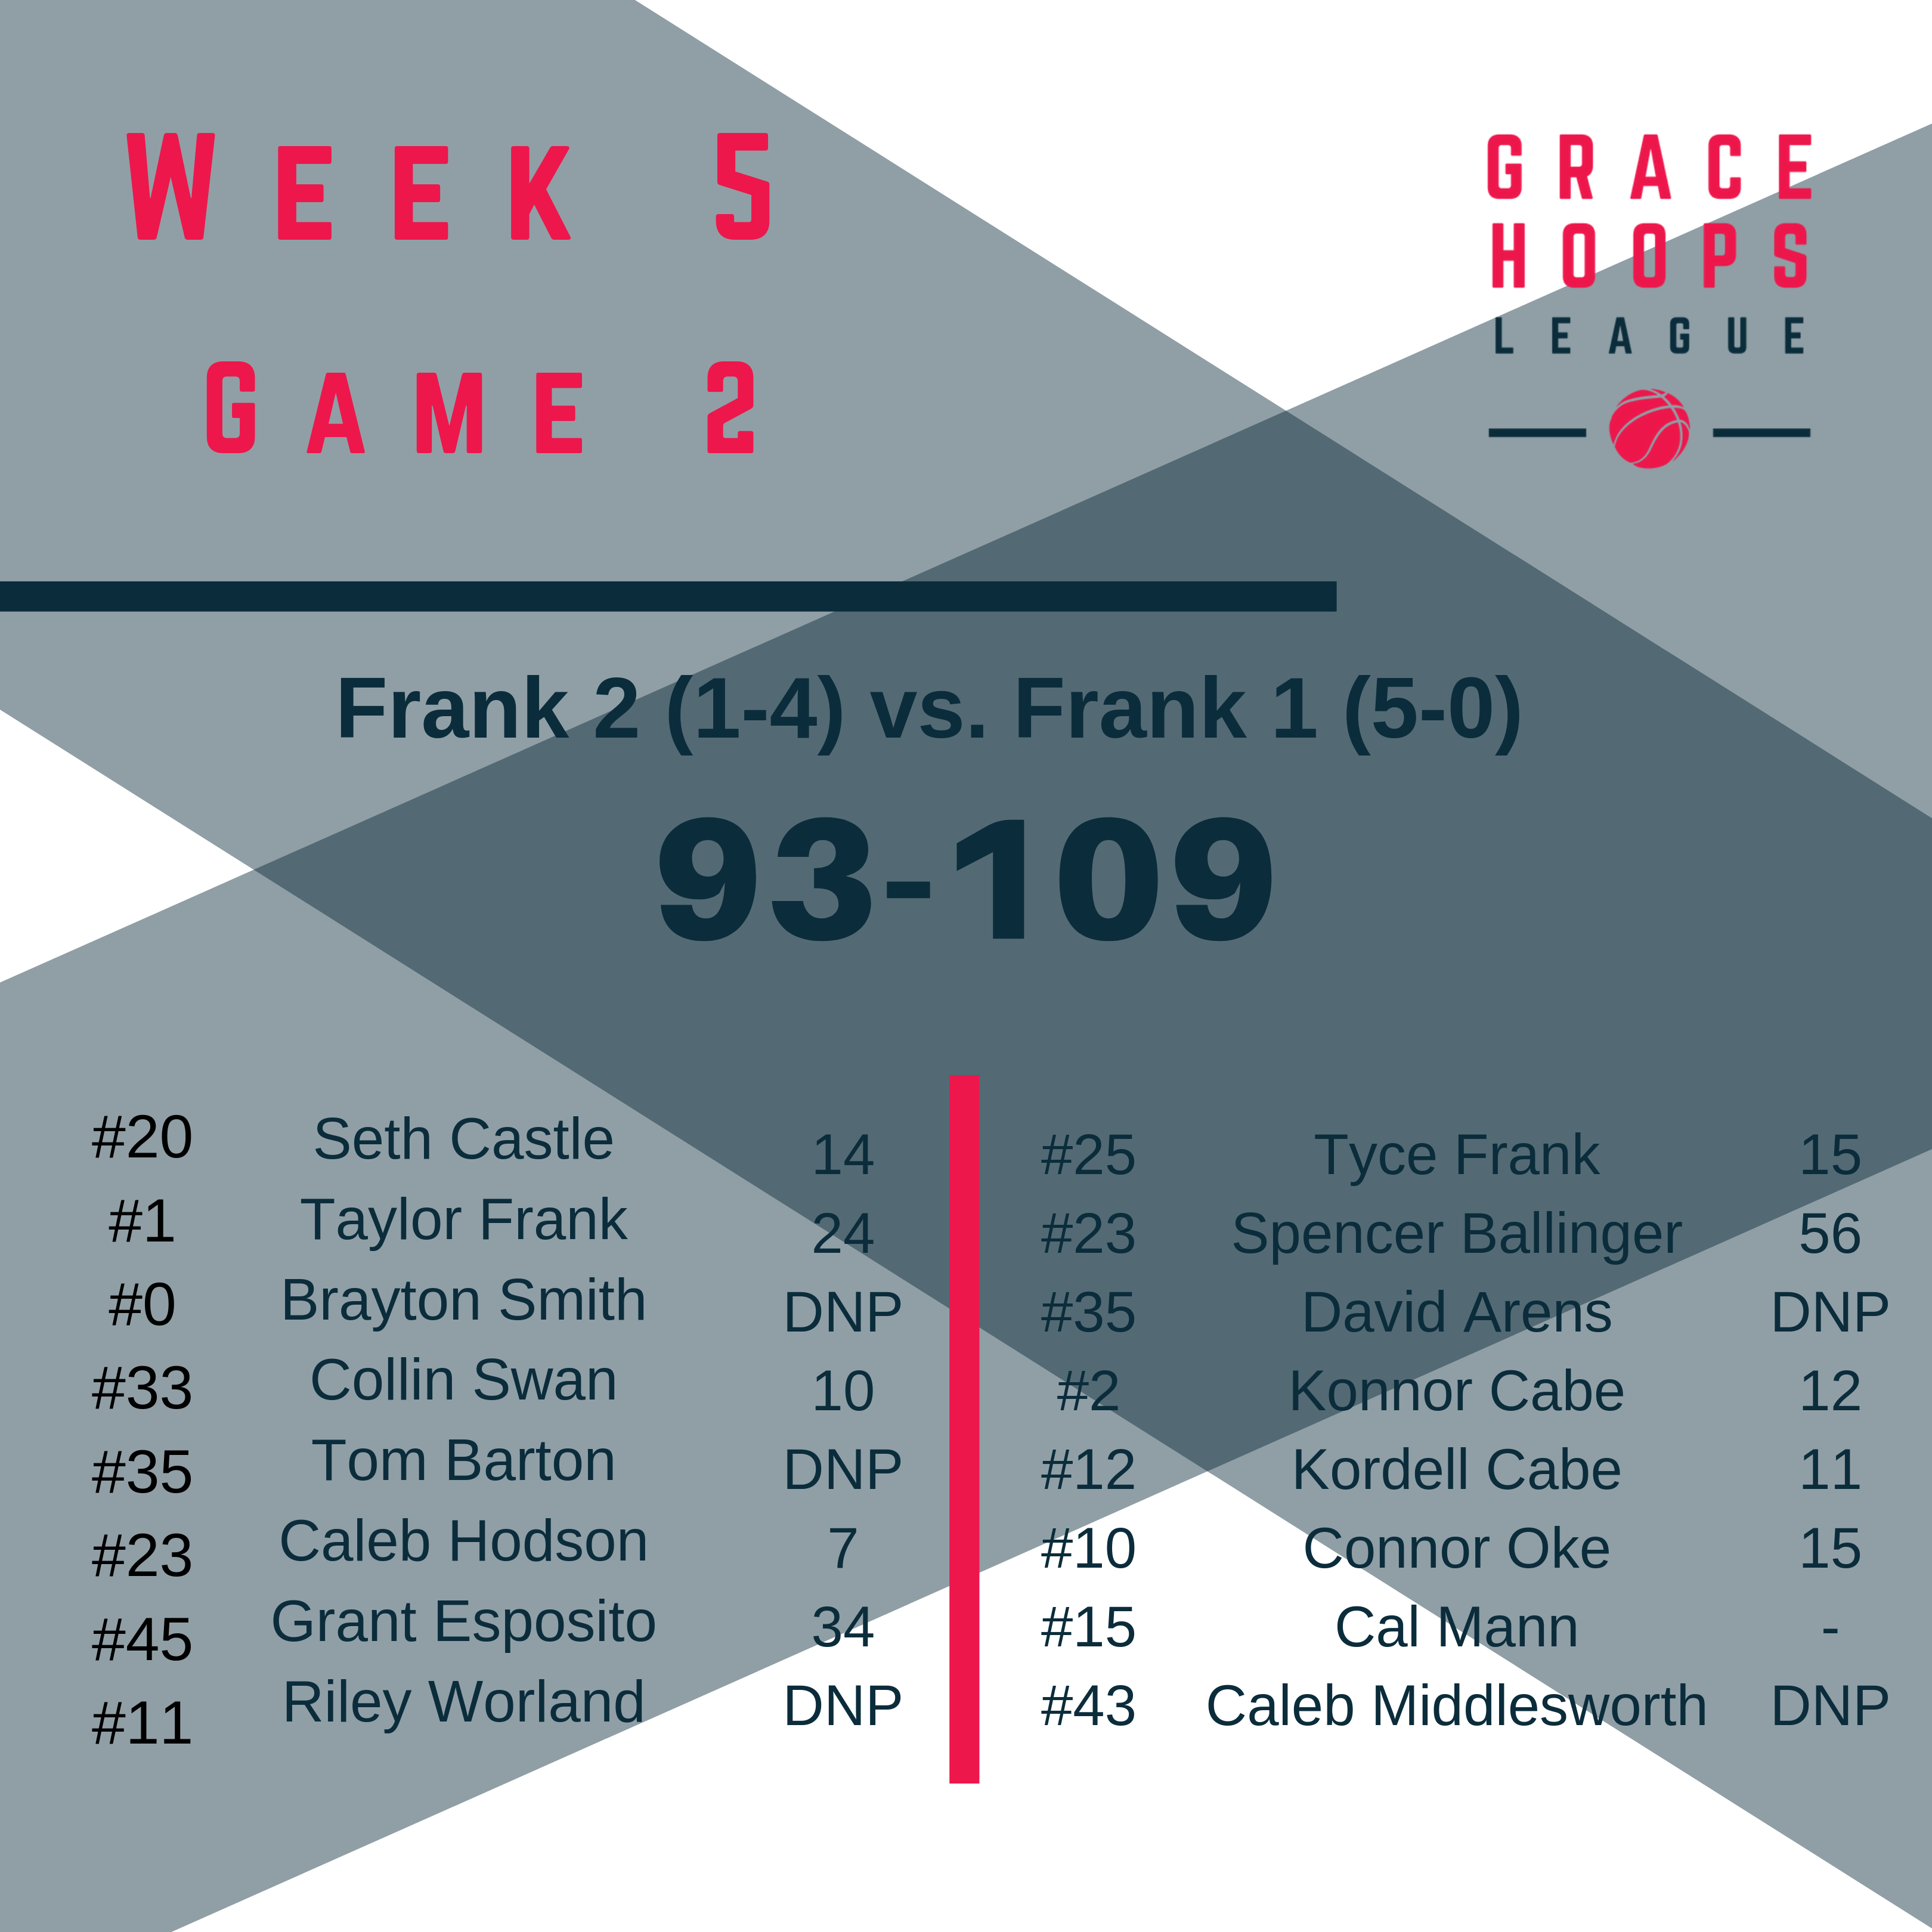 Week 5 Game 2